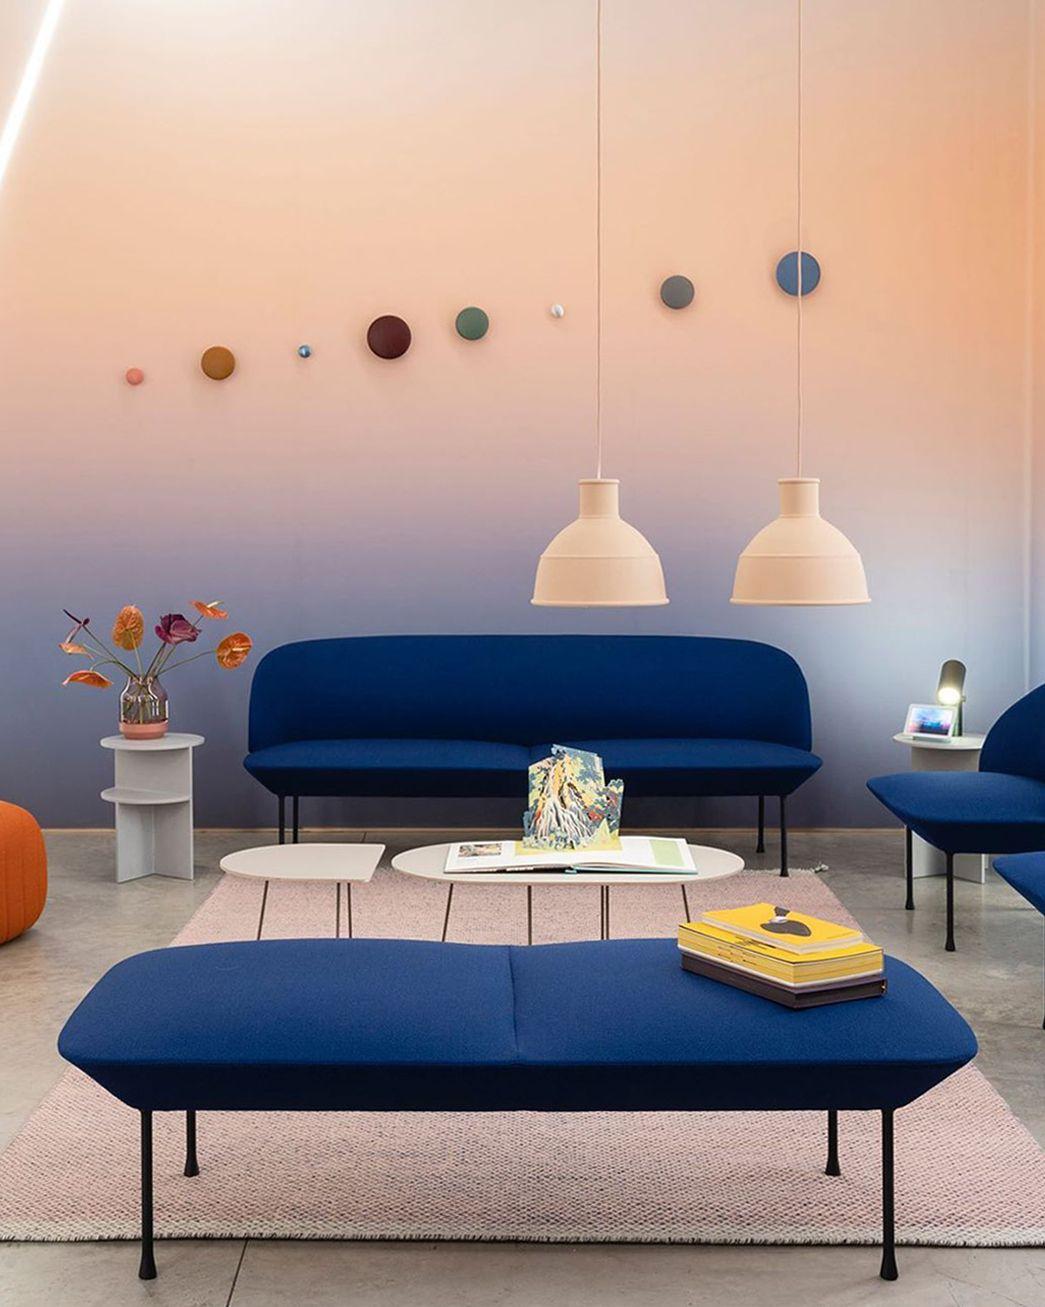 Oslo By Muuto Design By Anderssen Voll The Oslo Sofa Family Unites Geometric Lines With A Nel 2020 Salotti Scandinavi Idee Per Decorare La Casa Arredamento Di Lusso